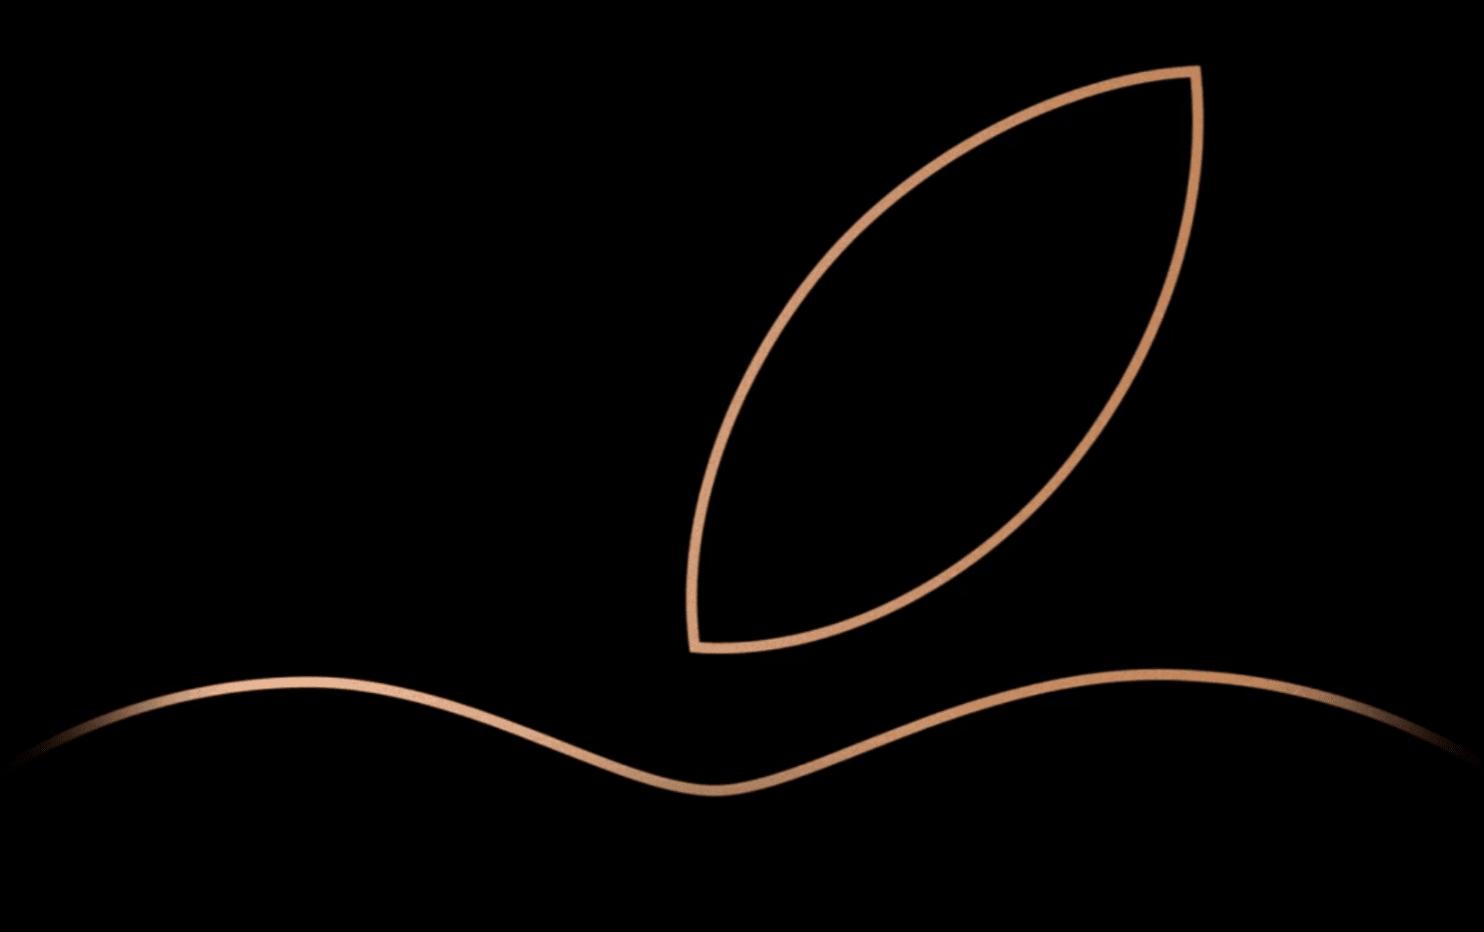 Po raz pierwszy konferencja Apple będzie transmitowana również przez Twittera 24